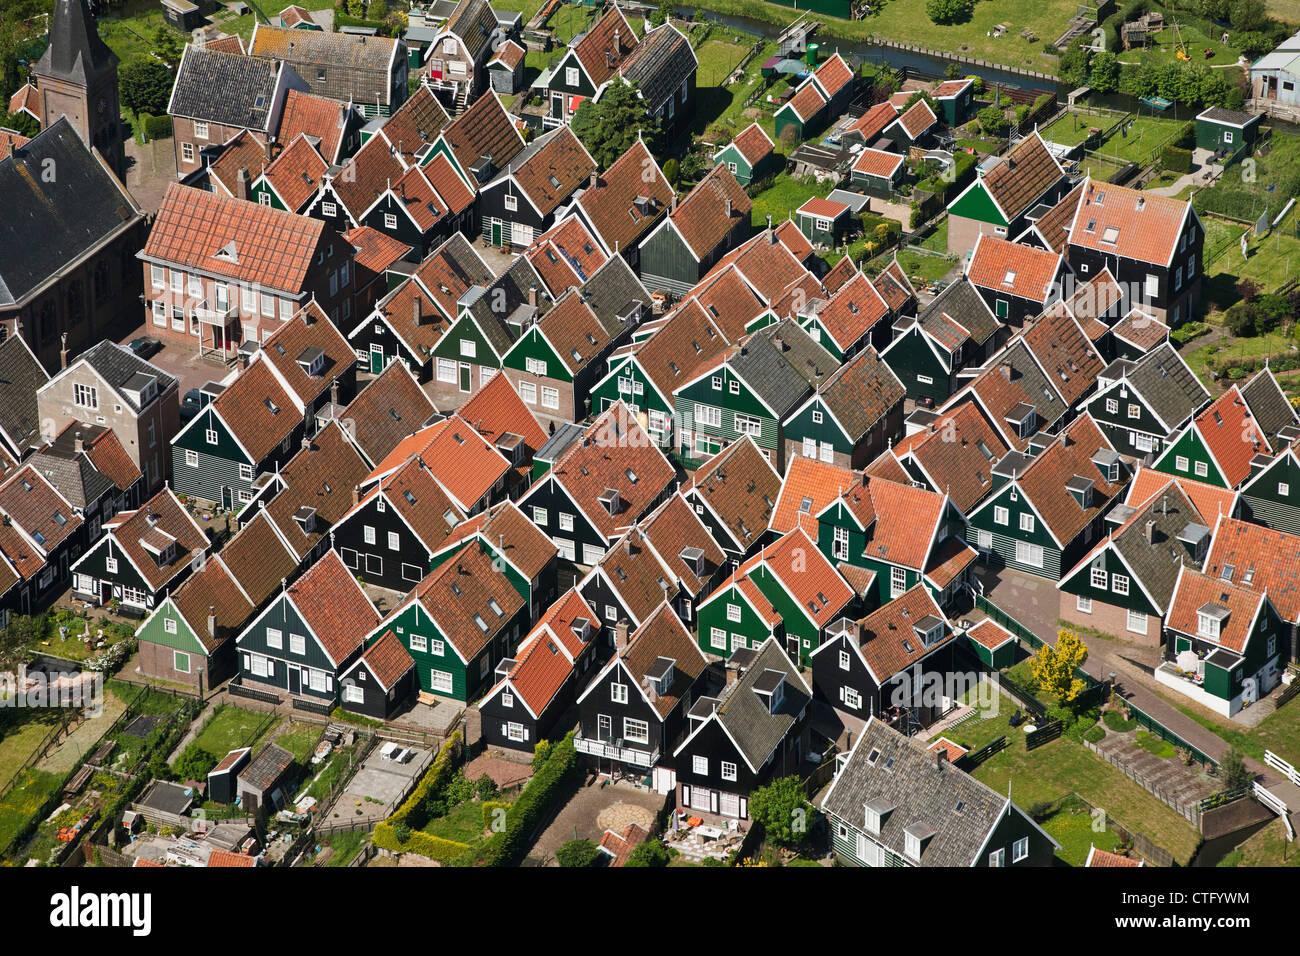 Die Niederlande, Marken, Antenne. Dorf. Stockbild